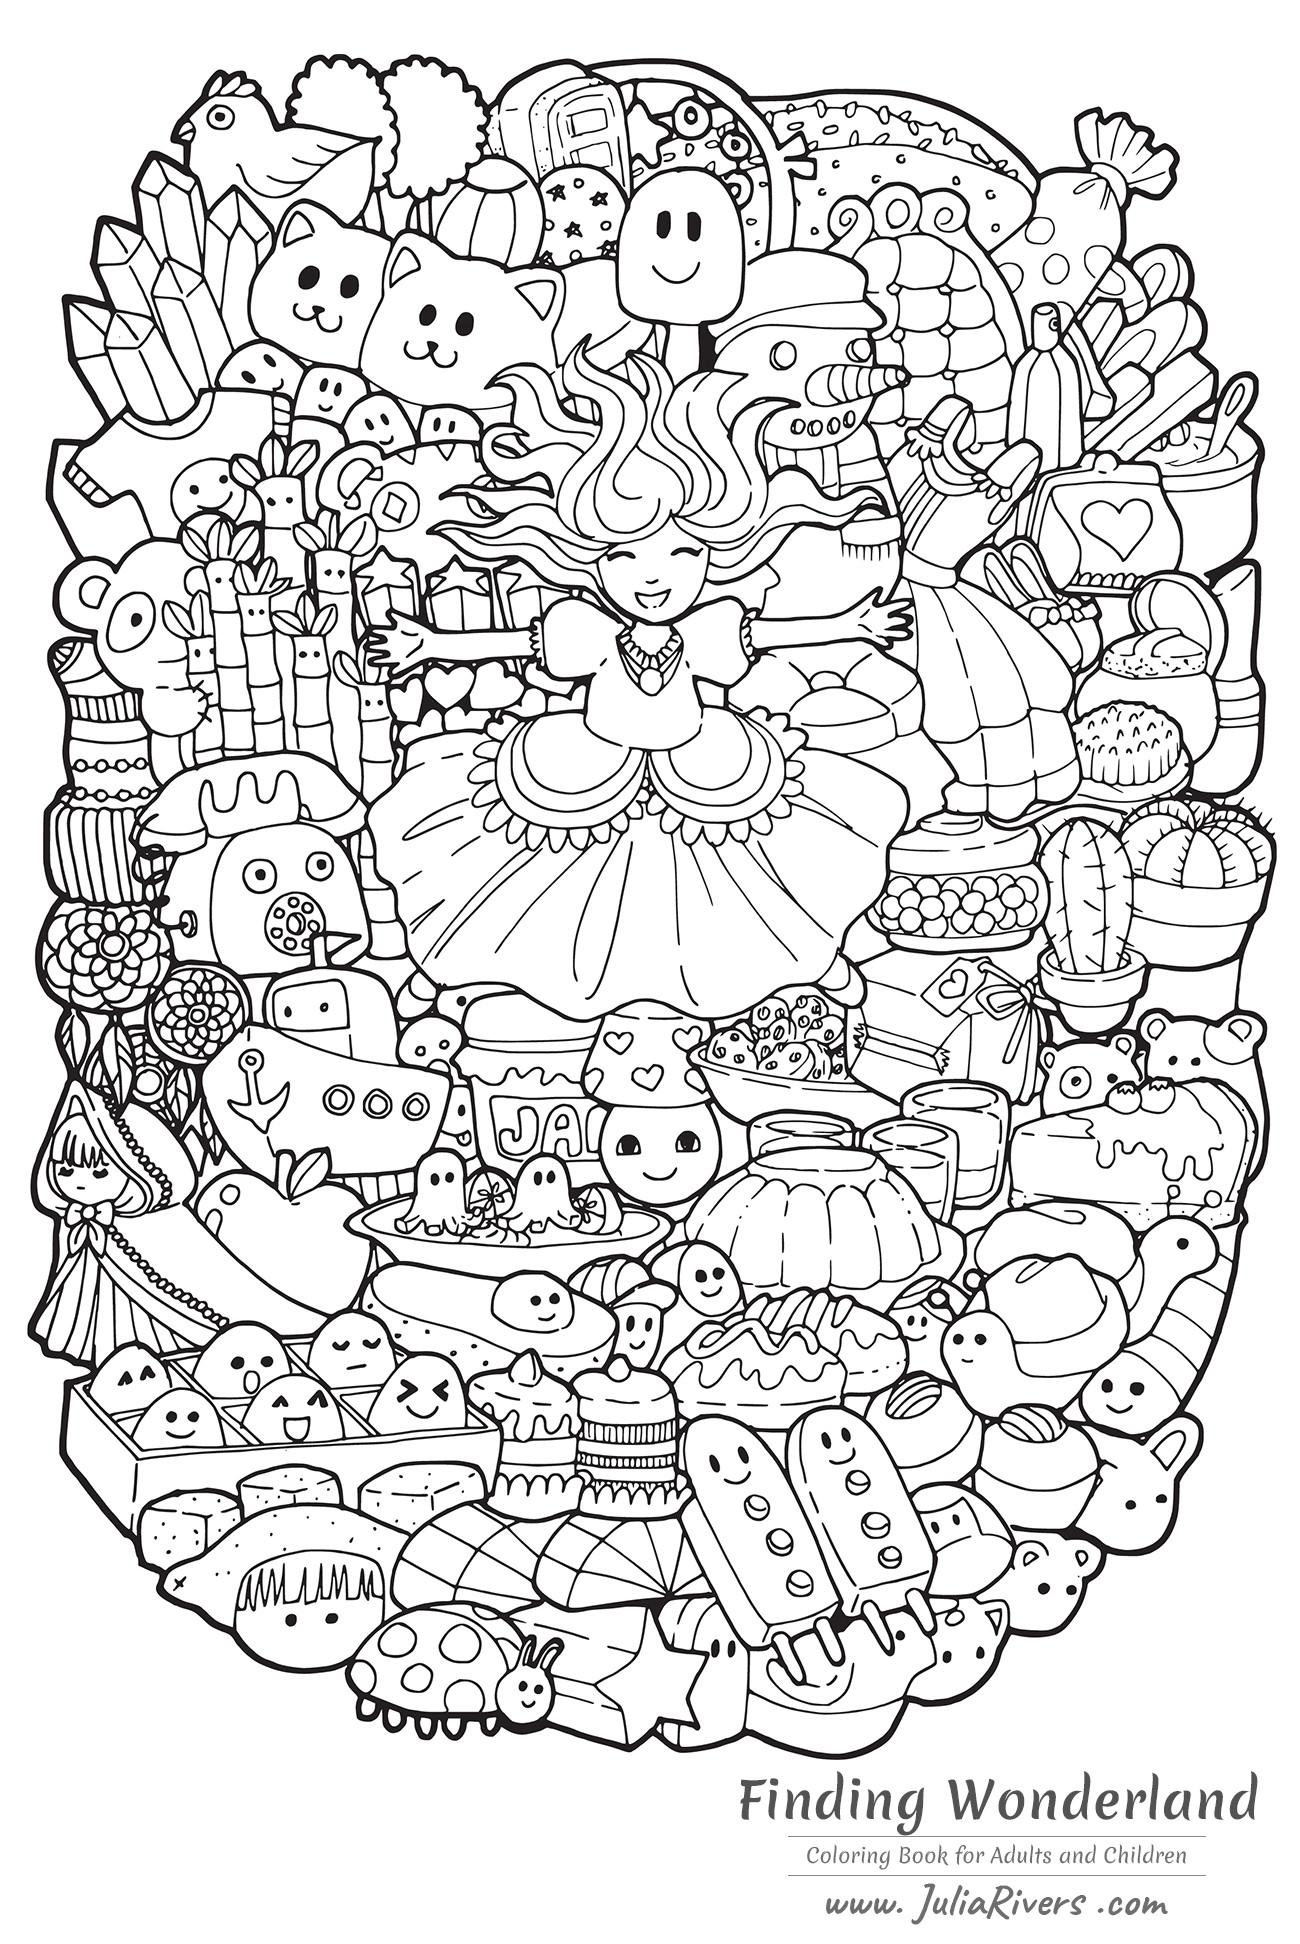 'A la recherche du pays des merveilles' : Coloriage enfantin représentant une Princesse joyeuse entourée de créatures 'Doodle' dessinées avec le style Kawaii